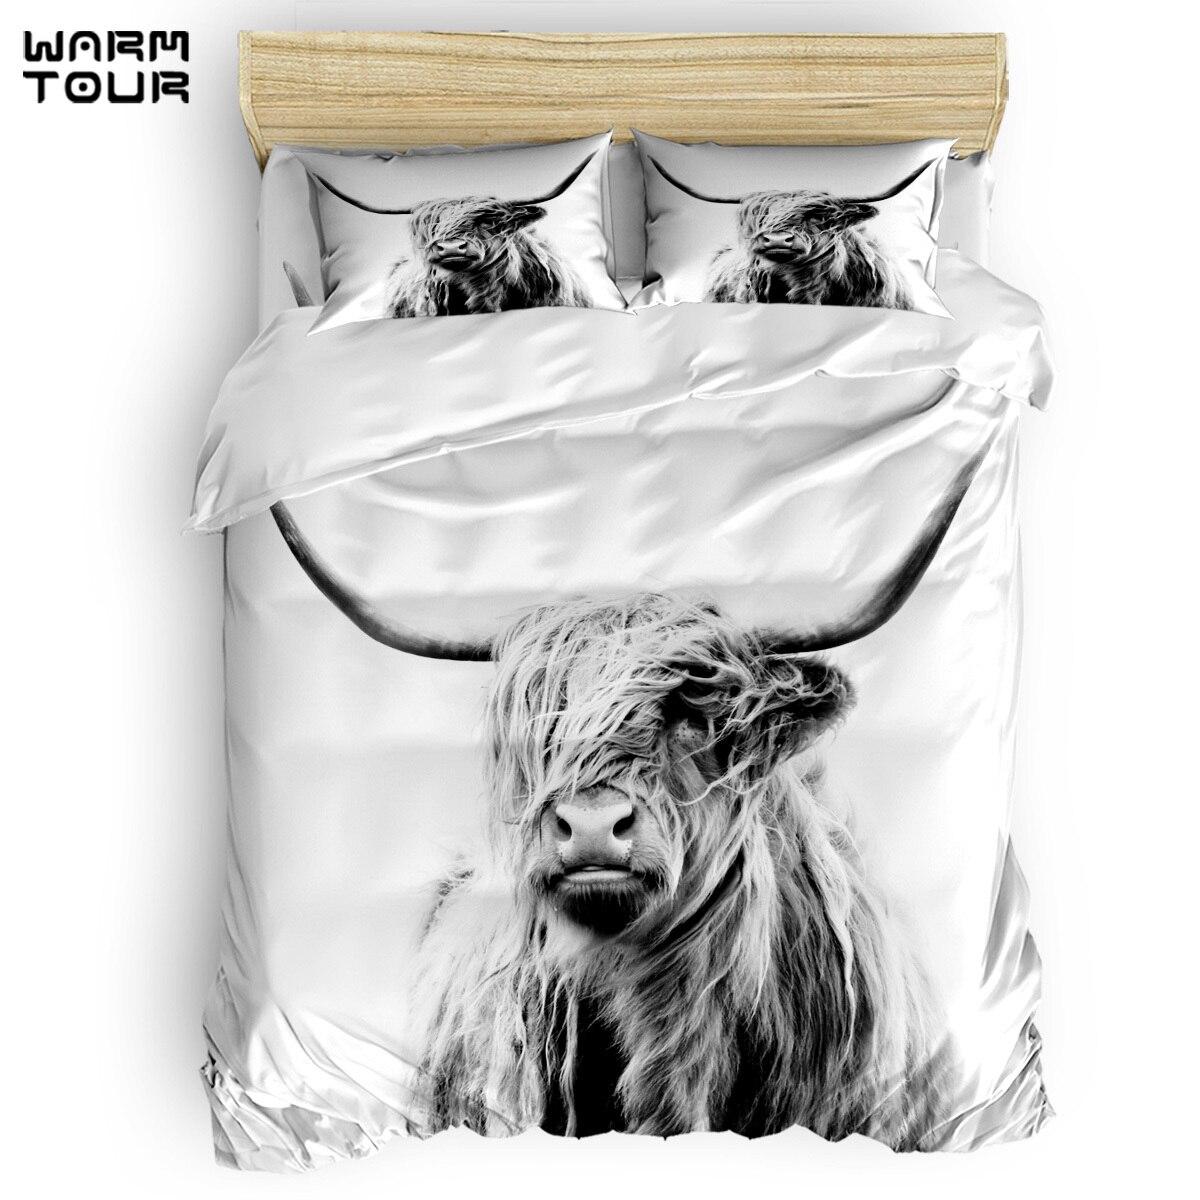 WARMTOUR Duvet Cover Portrait of A Highland Cow Duvet Cover Set 4 Piece Bedding Set For Beds